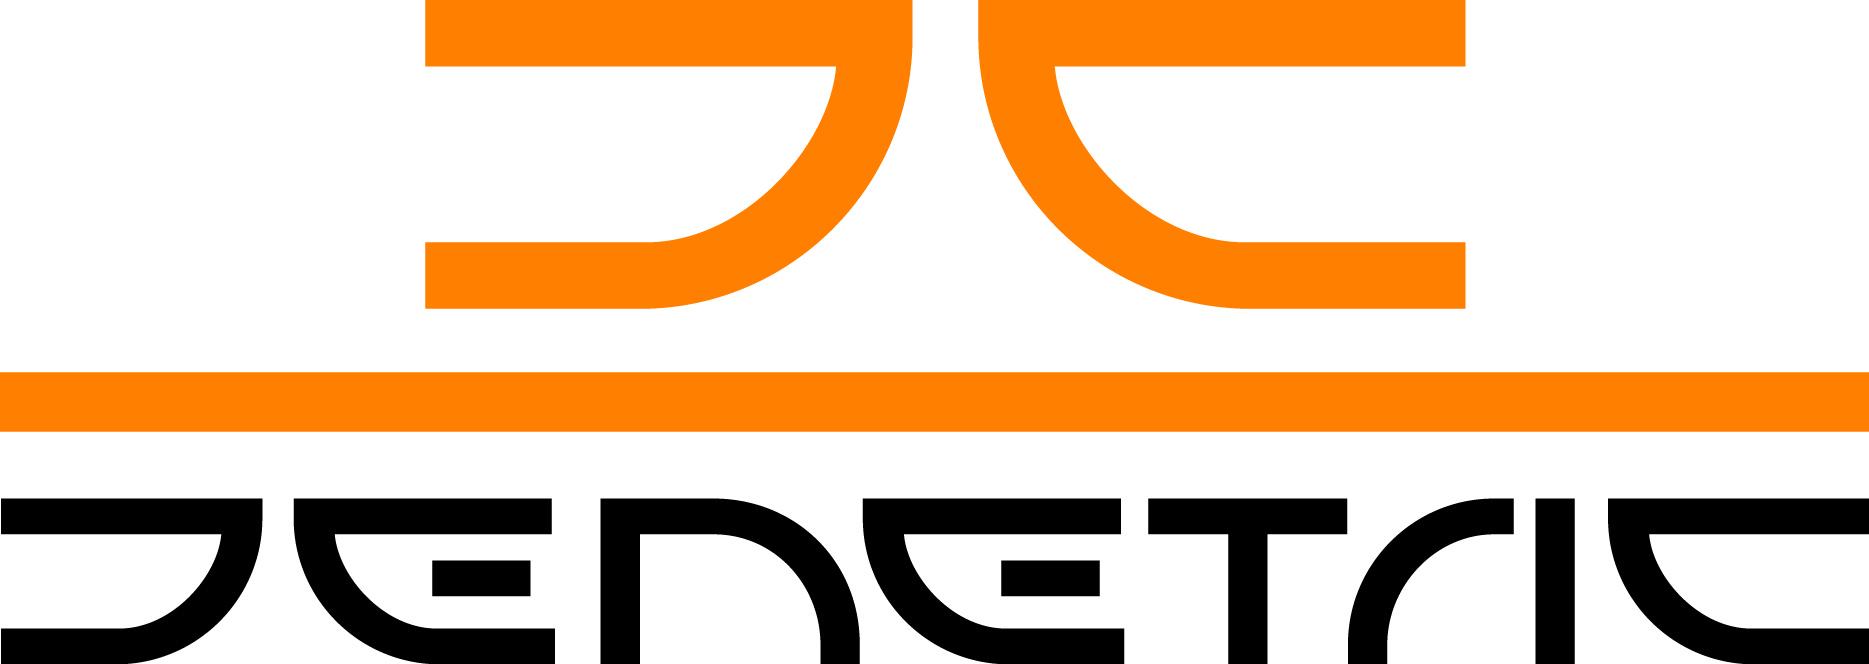 jenetric_logo_cmyk